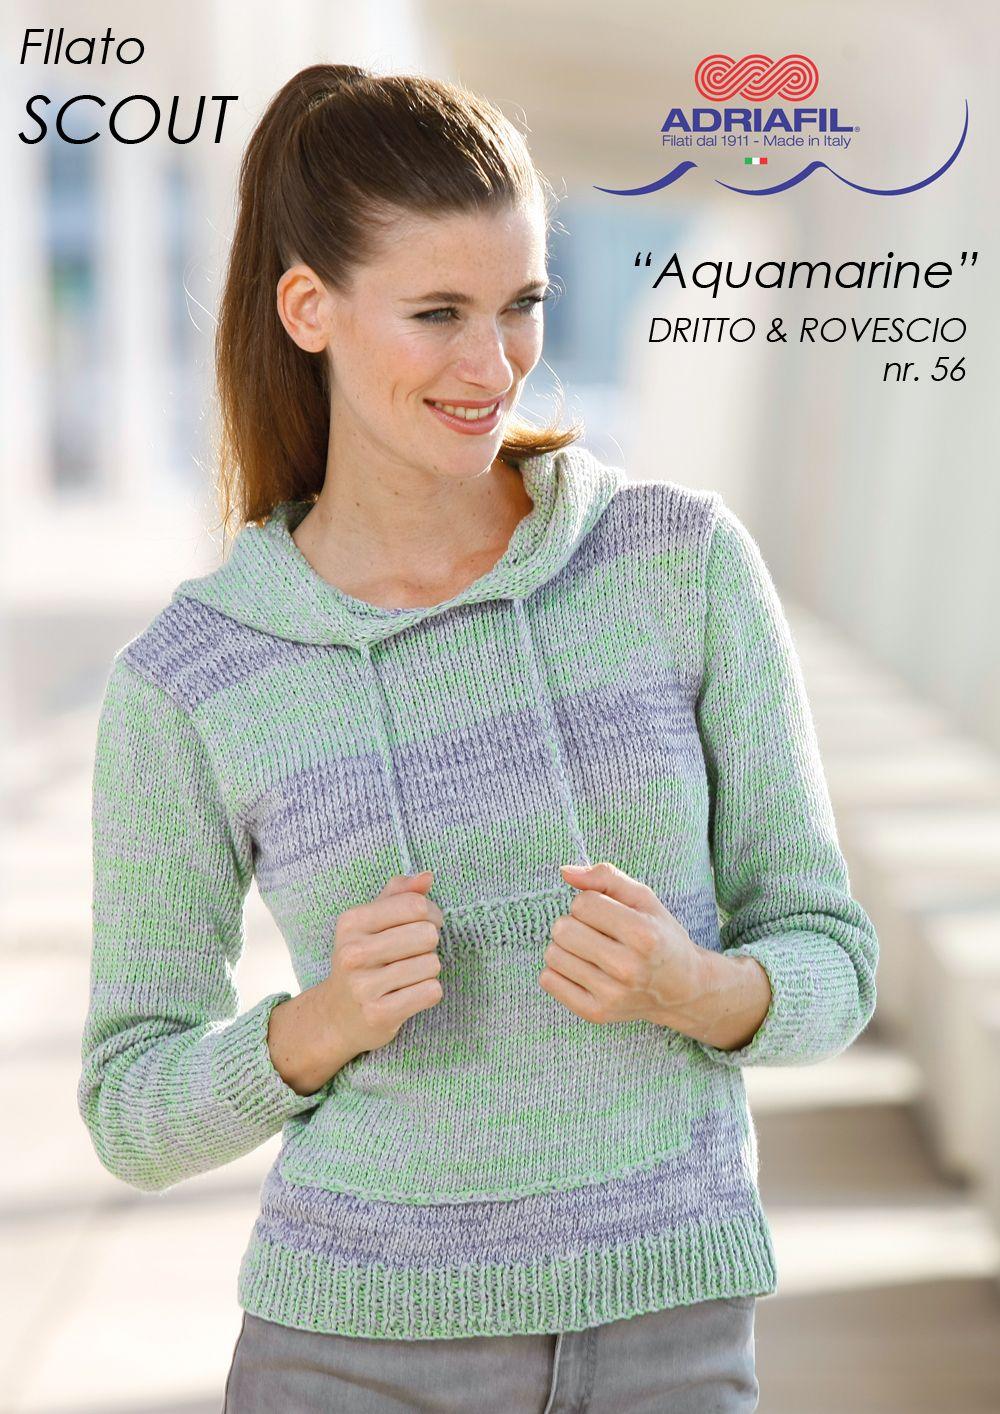 """""""Aquamarine"""" hoodie, Scout yarn Let's make the summer cool!  http://www.adriafil.com/uk/scheda-filato.html?id_cat=12&id_gr=3&id_filato=TK"""